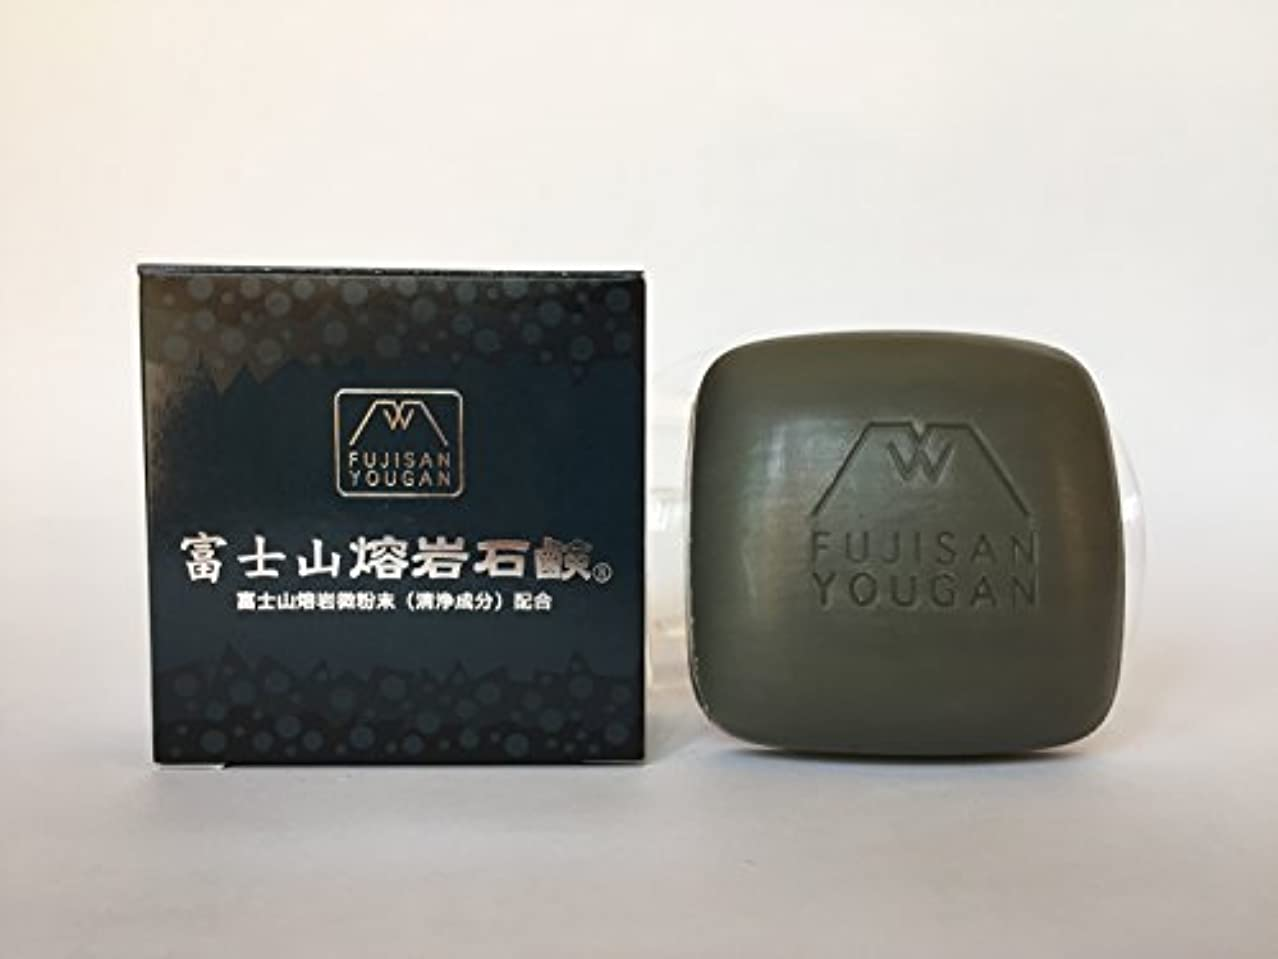 チェリー危険にさらされている子羊富士山溶岩石鹸 100g/個×2個セット